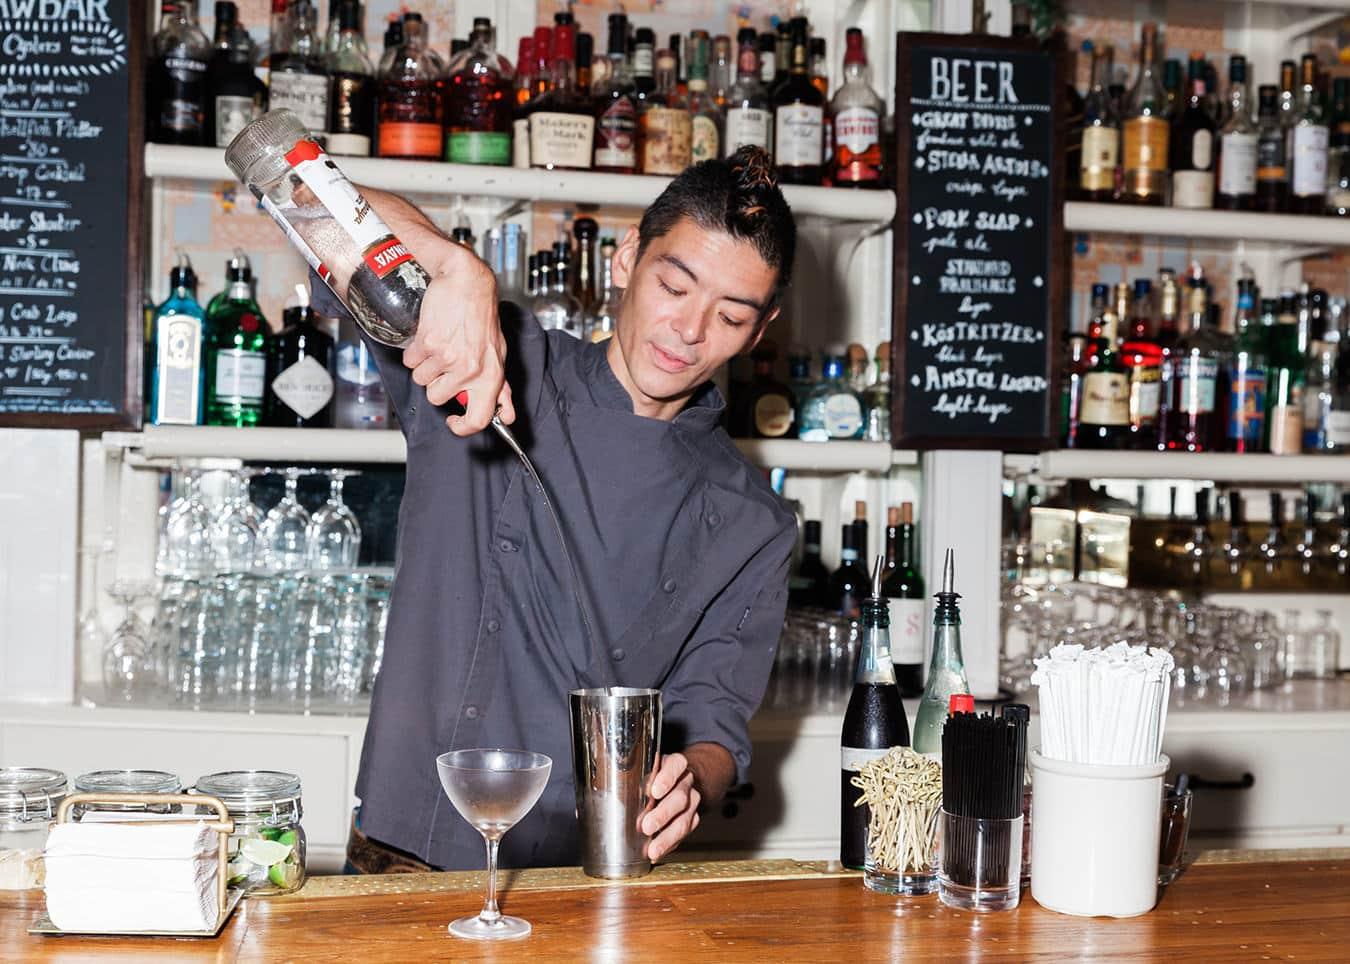 Pour Spout là gì? 6 điều về Pour Spout mà Bartender cần biết